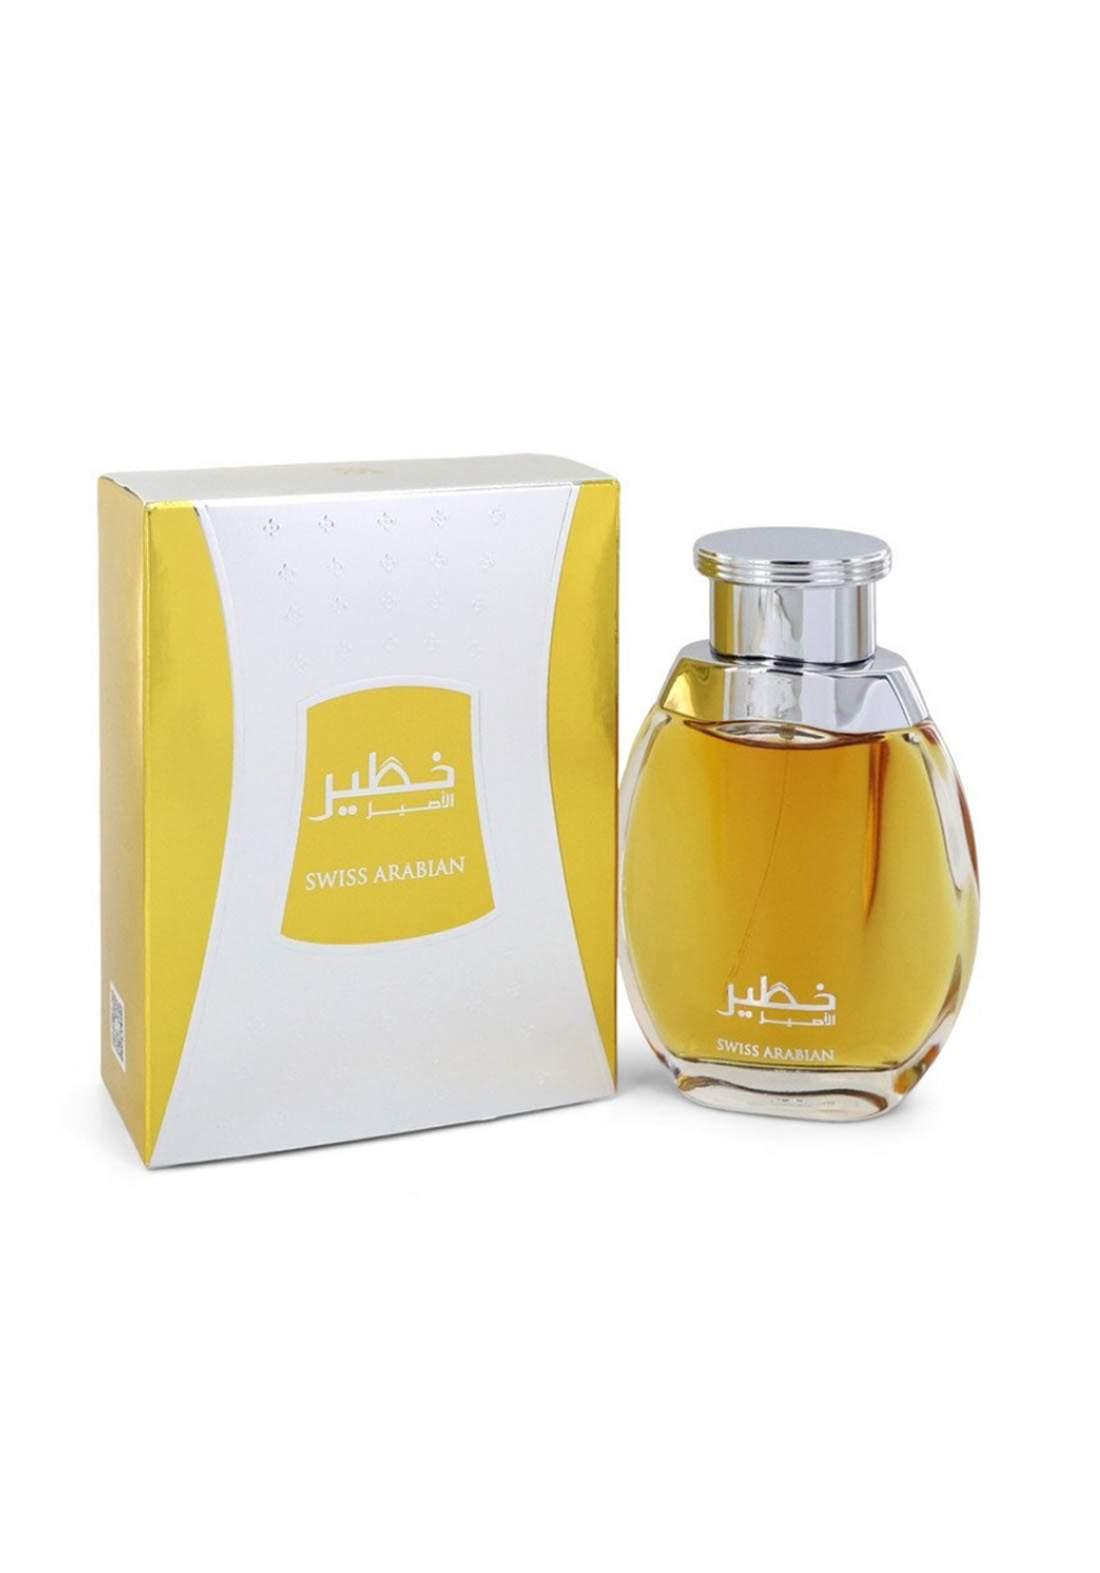 Swiss Arabian 958 Khateer  Eau De Parfum for Unisex  100 ml عطر  لكلا الجنسين